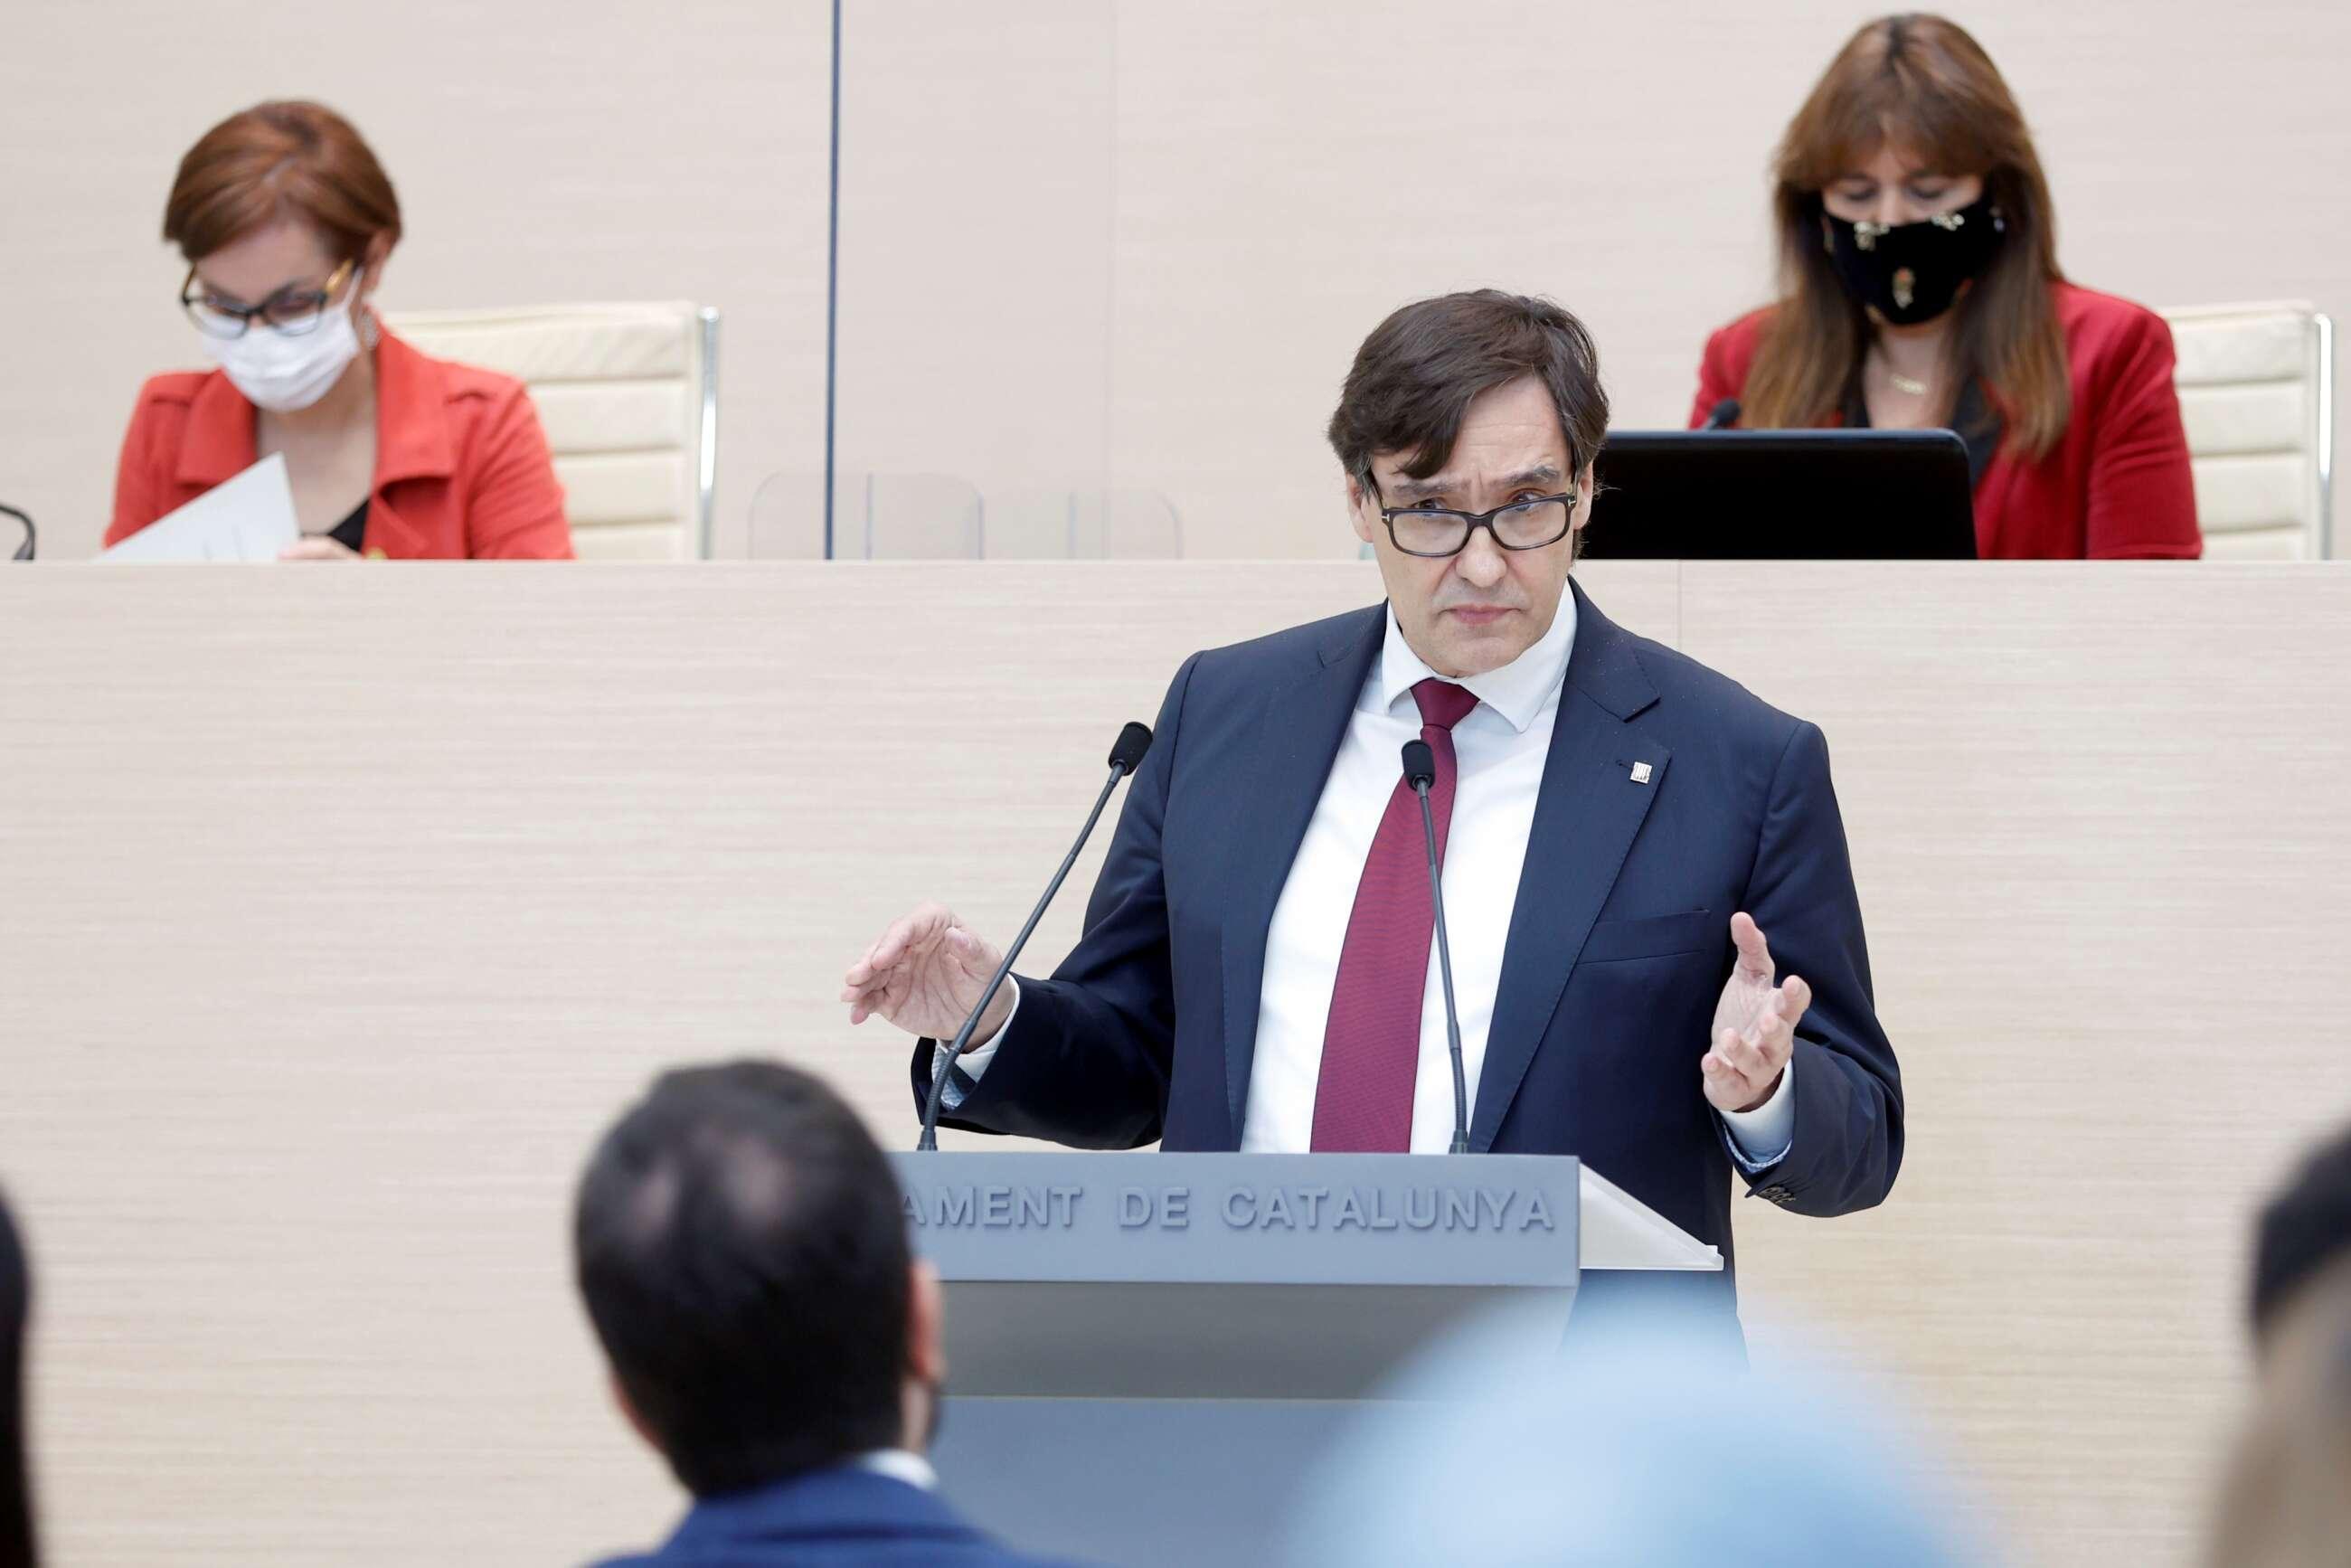 El lider del PSC, Salvador Illa, durante su intervencion en la segunda sesión del debate de investidura del candidato de ERC a la presidencia de la Generalitat, Pere Aragonès, celebrada este martes / EFE